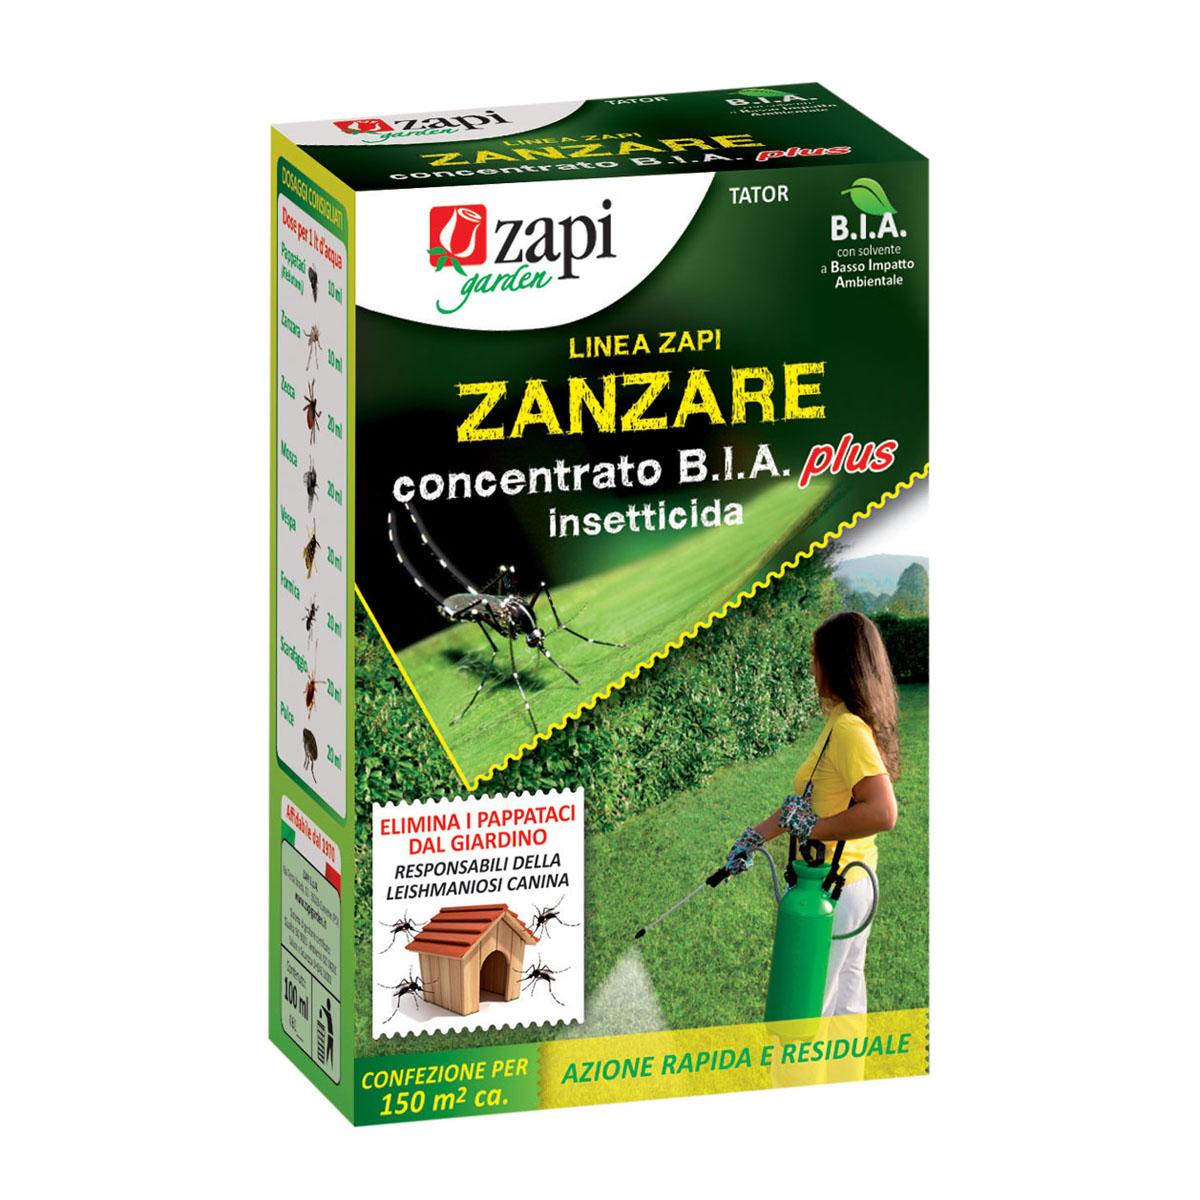 Zapi zanzare insetticida concentrato B.I.A. Plus 250 ml